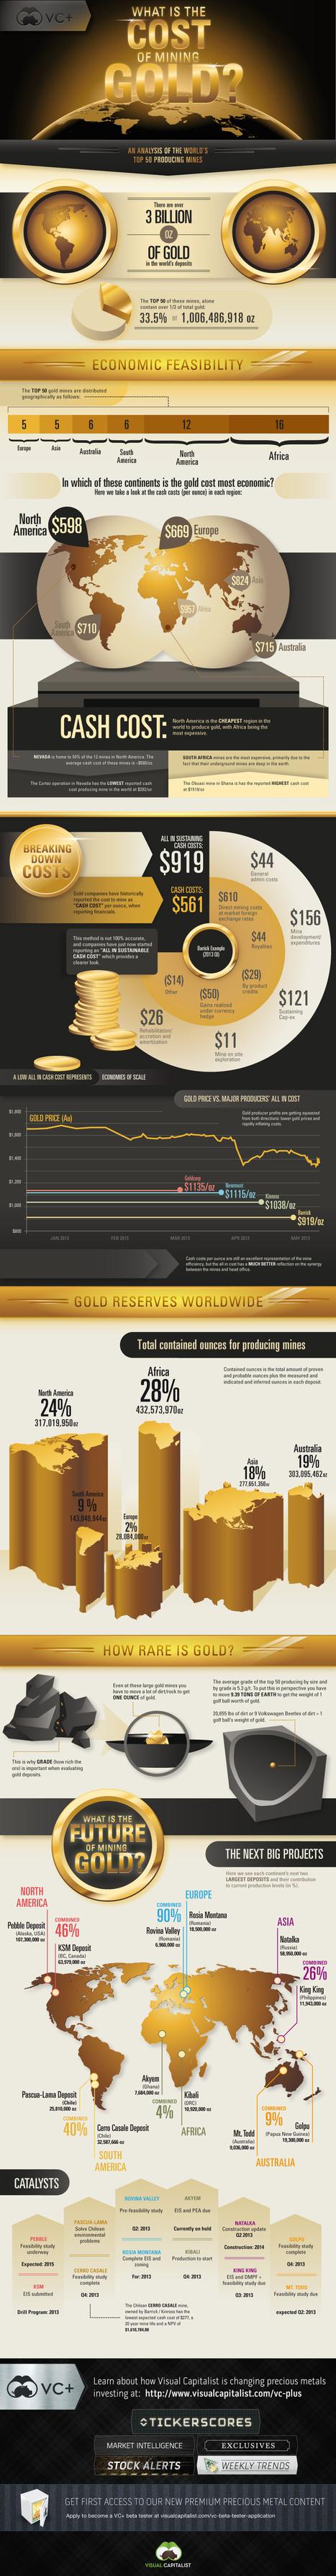 L'or sous toutes les coutures - Murmure Persistant | DataVizz | Scoop.it